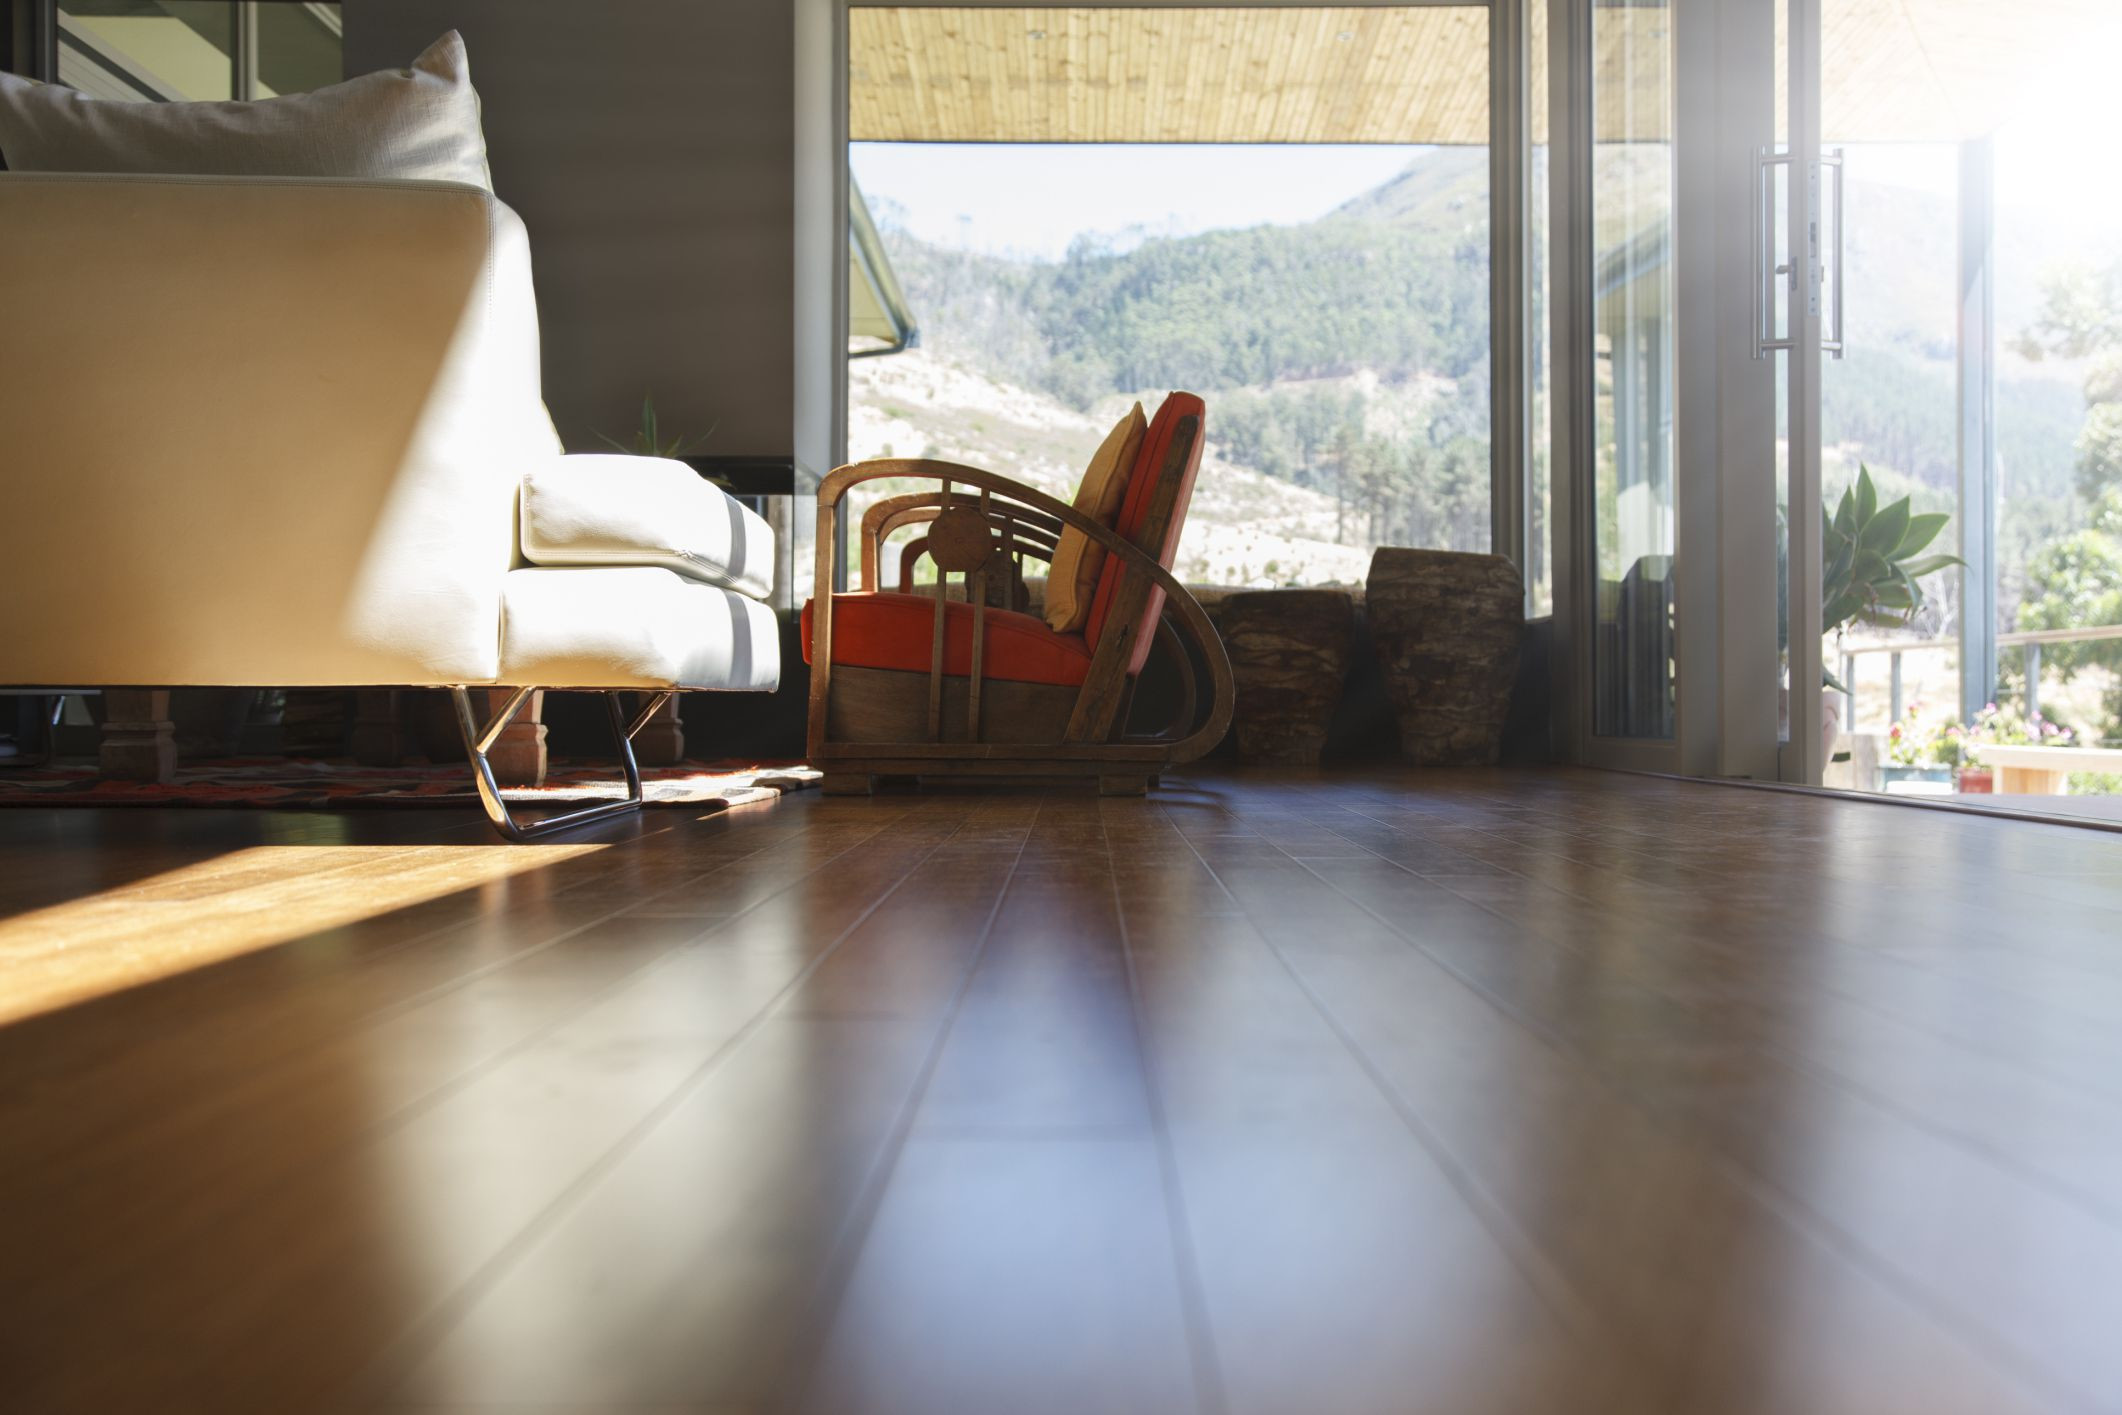 20 Amazing Hardwood Flooring Price Per Square Metre 2021 free download hardwood flooring price per square metre of pros and cons of bellawood flooring from lumber liquidators pertaining to exotic hardwood flooring 525439899 56a49d3a3df78cf77283453d